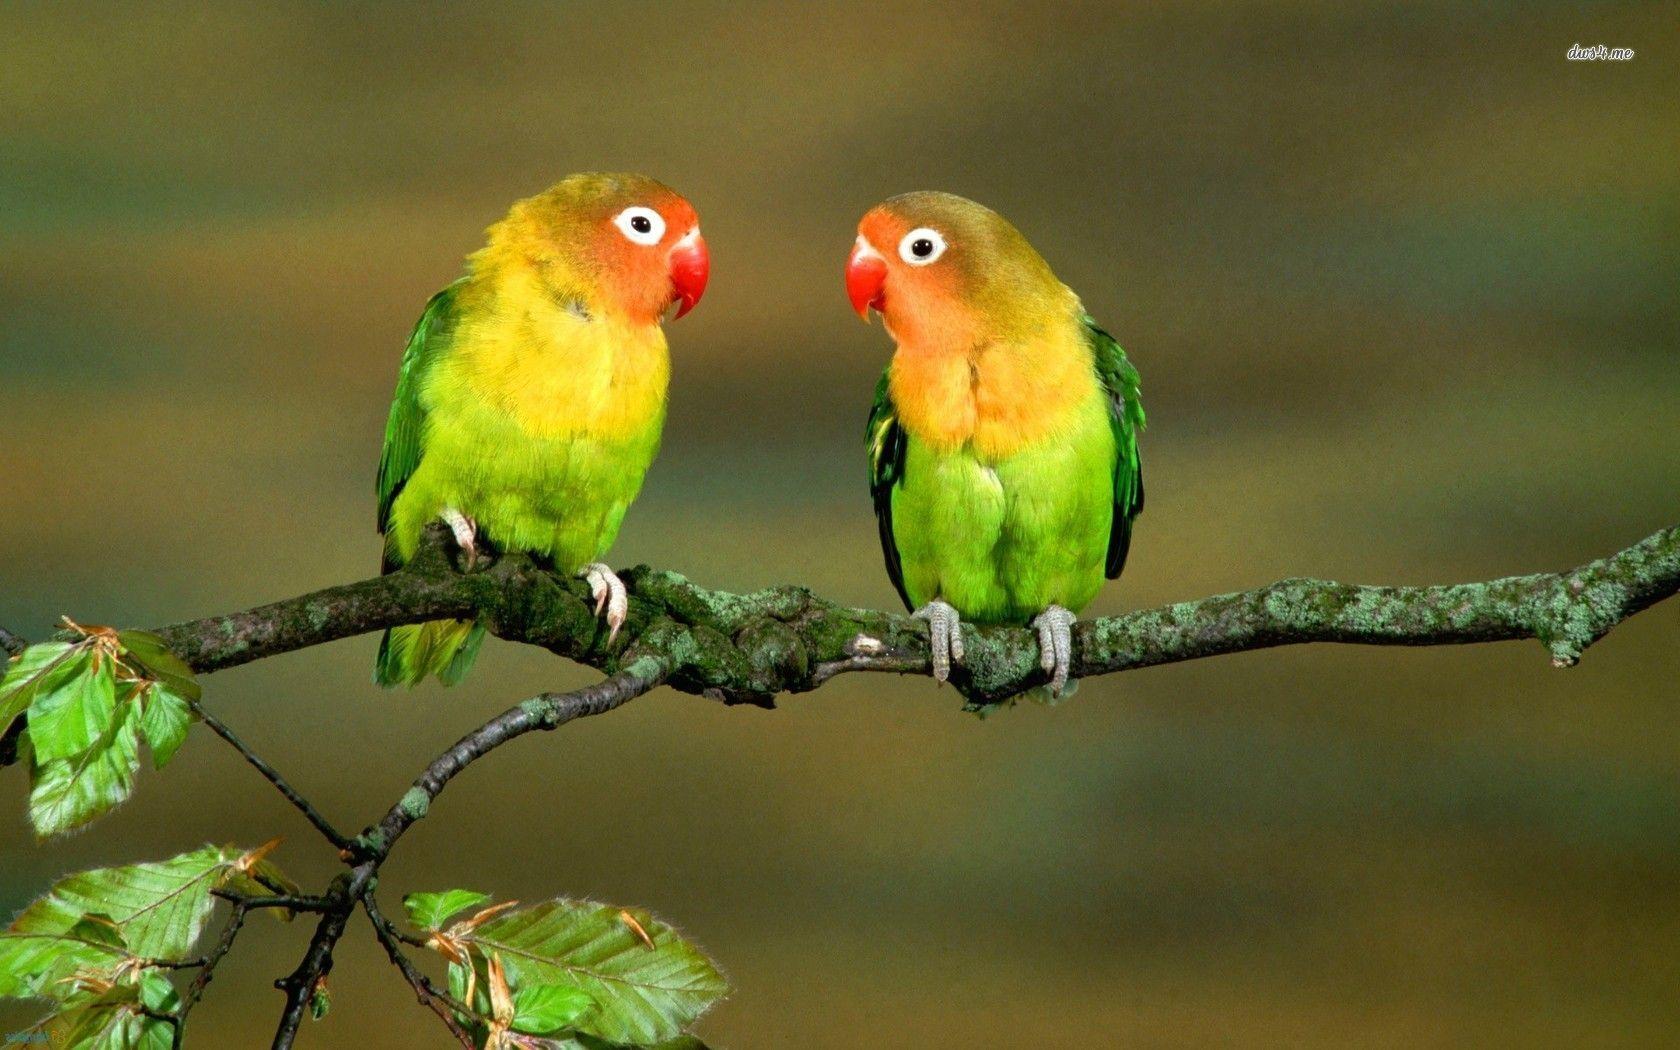 Lovebirds Wallpapers Wallpaper Cave Birds Wallpaper Hd Bird Wallpaper Parrot Wallpaper